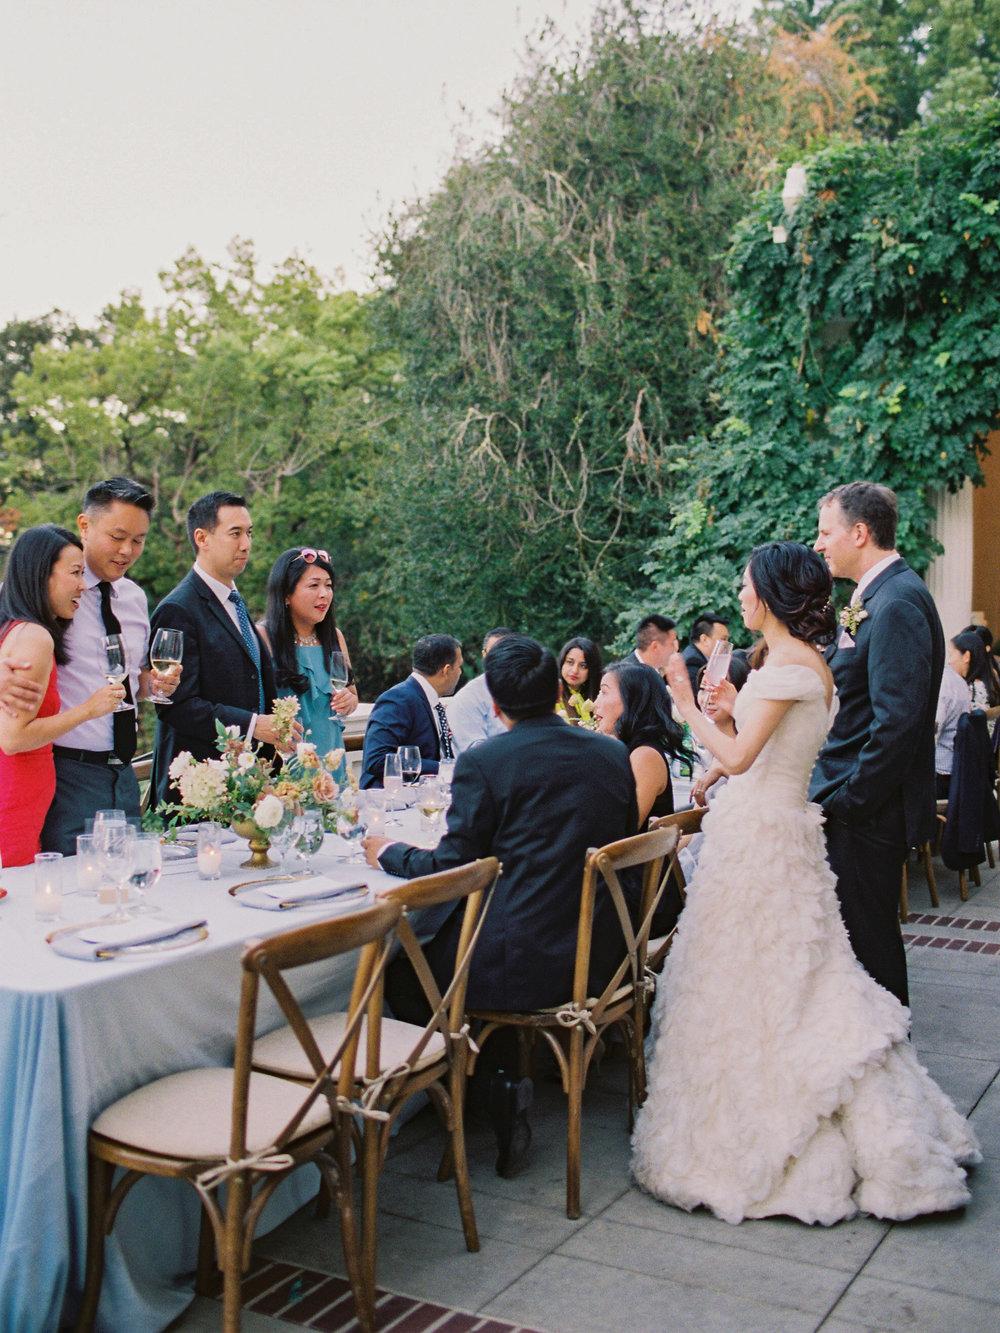 JC-HiRes-166-Jen-Huang-JC-217-Jen_Huang-009461-R2-033.jpg